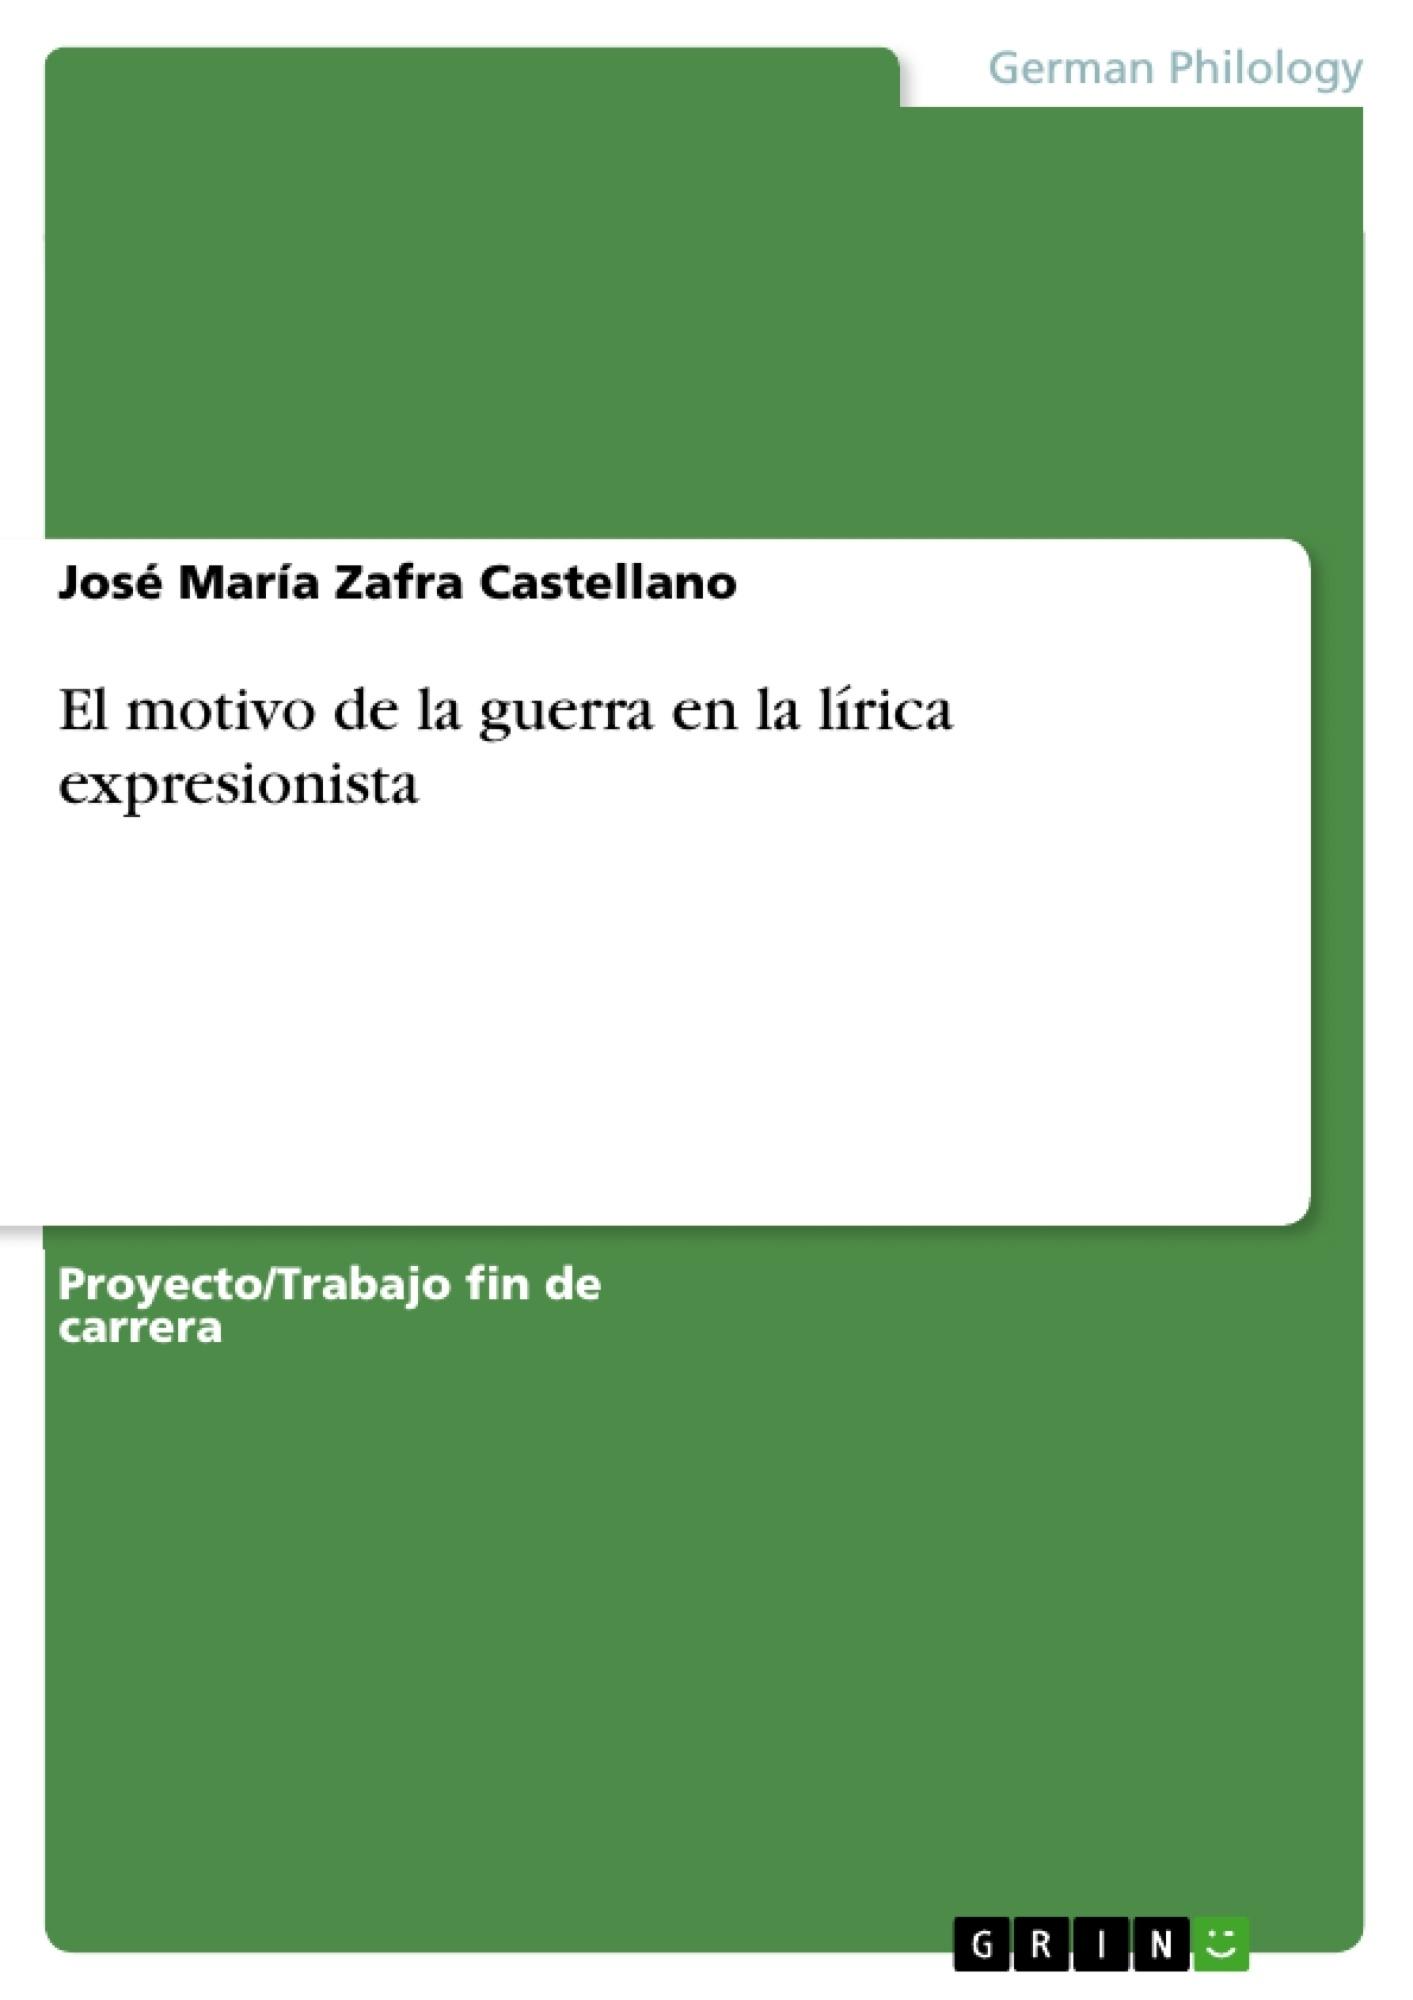 Título: El motivo de la guerra en la lírica expresionista